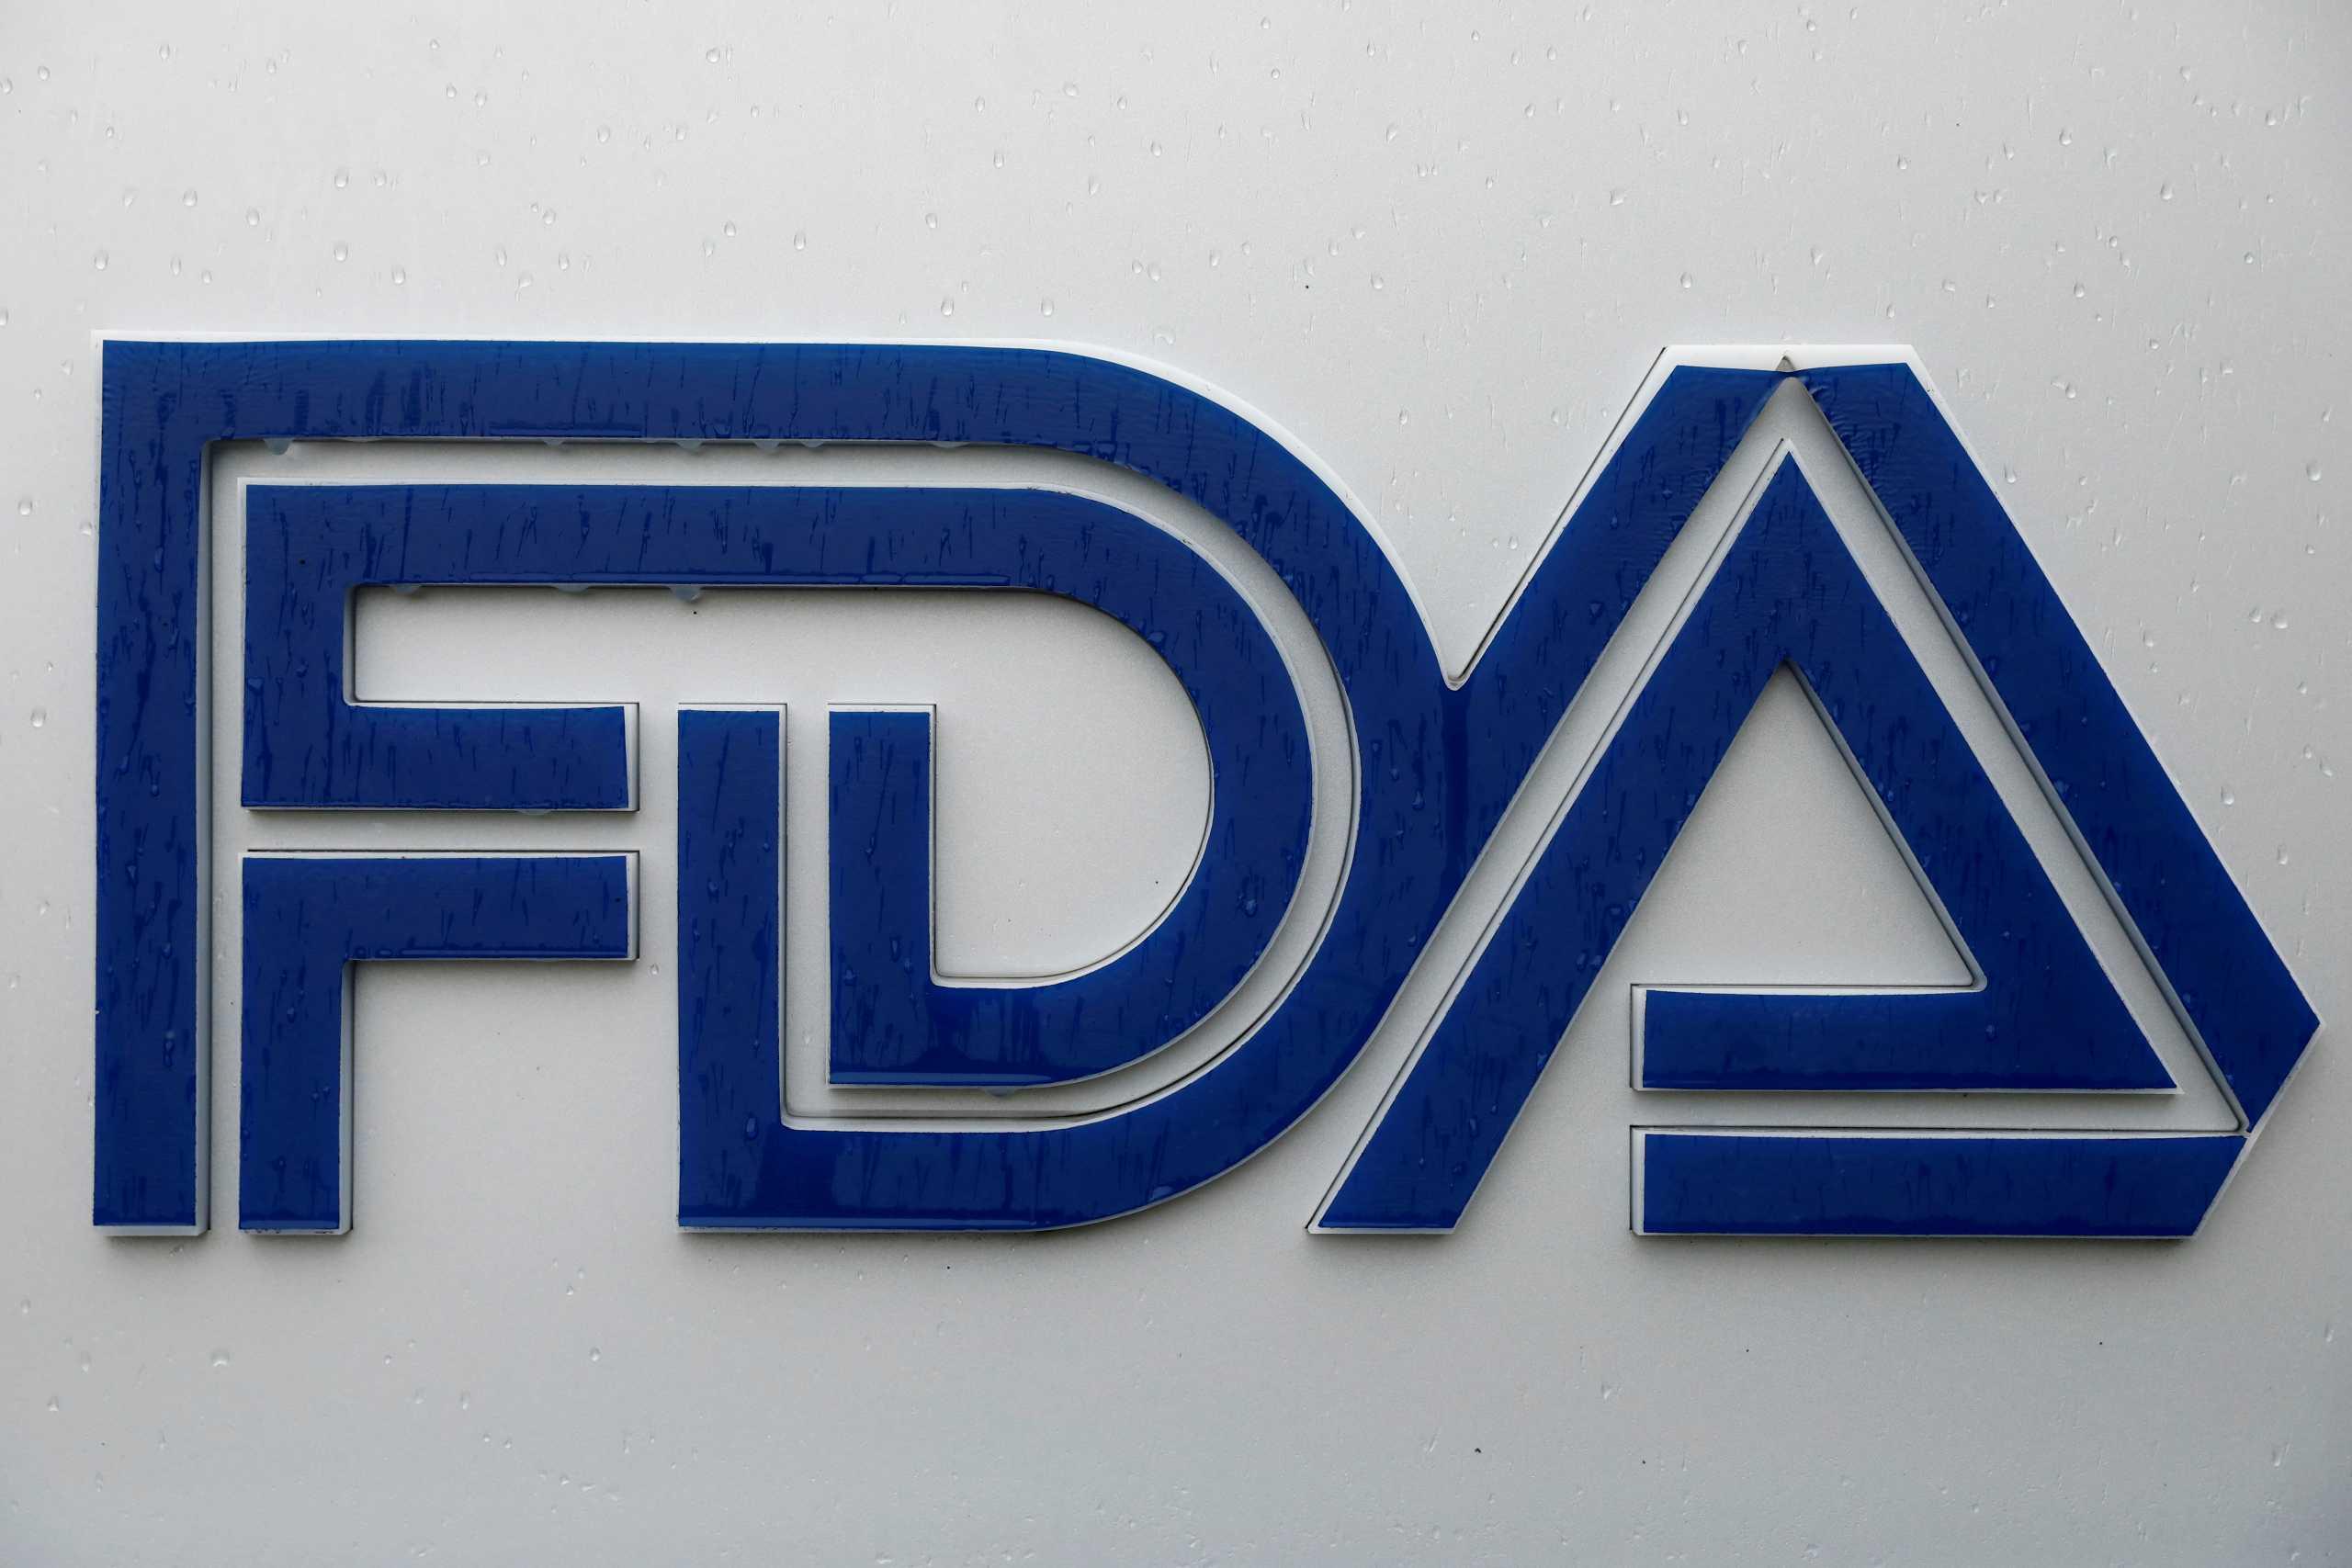 Κορονοϊός: «Ναι» από τον FDA για εμβόλιο Pfizer σε εφήβους 12 έως 15 ετών